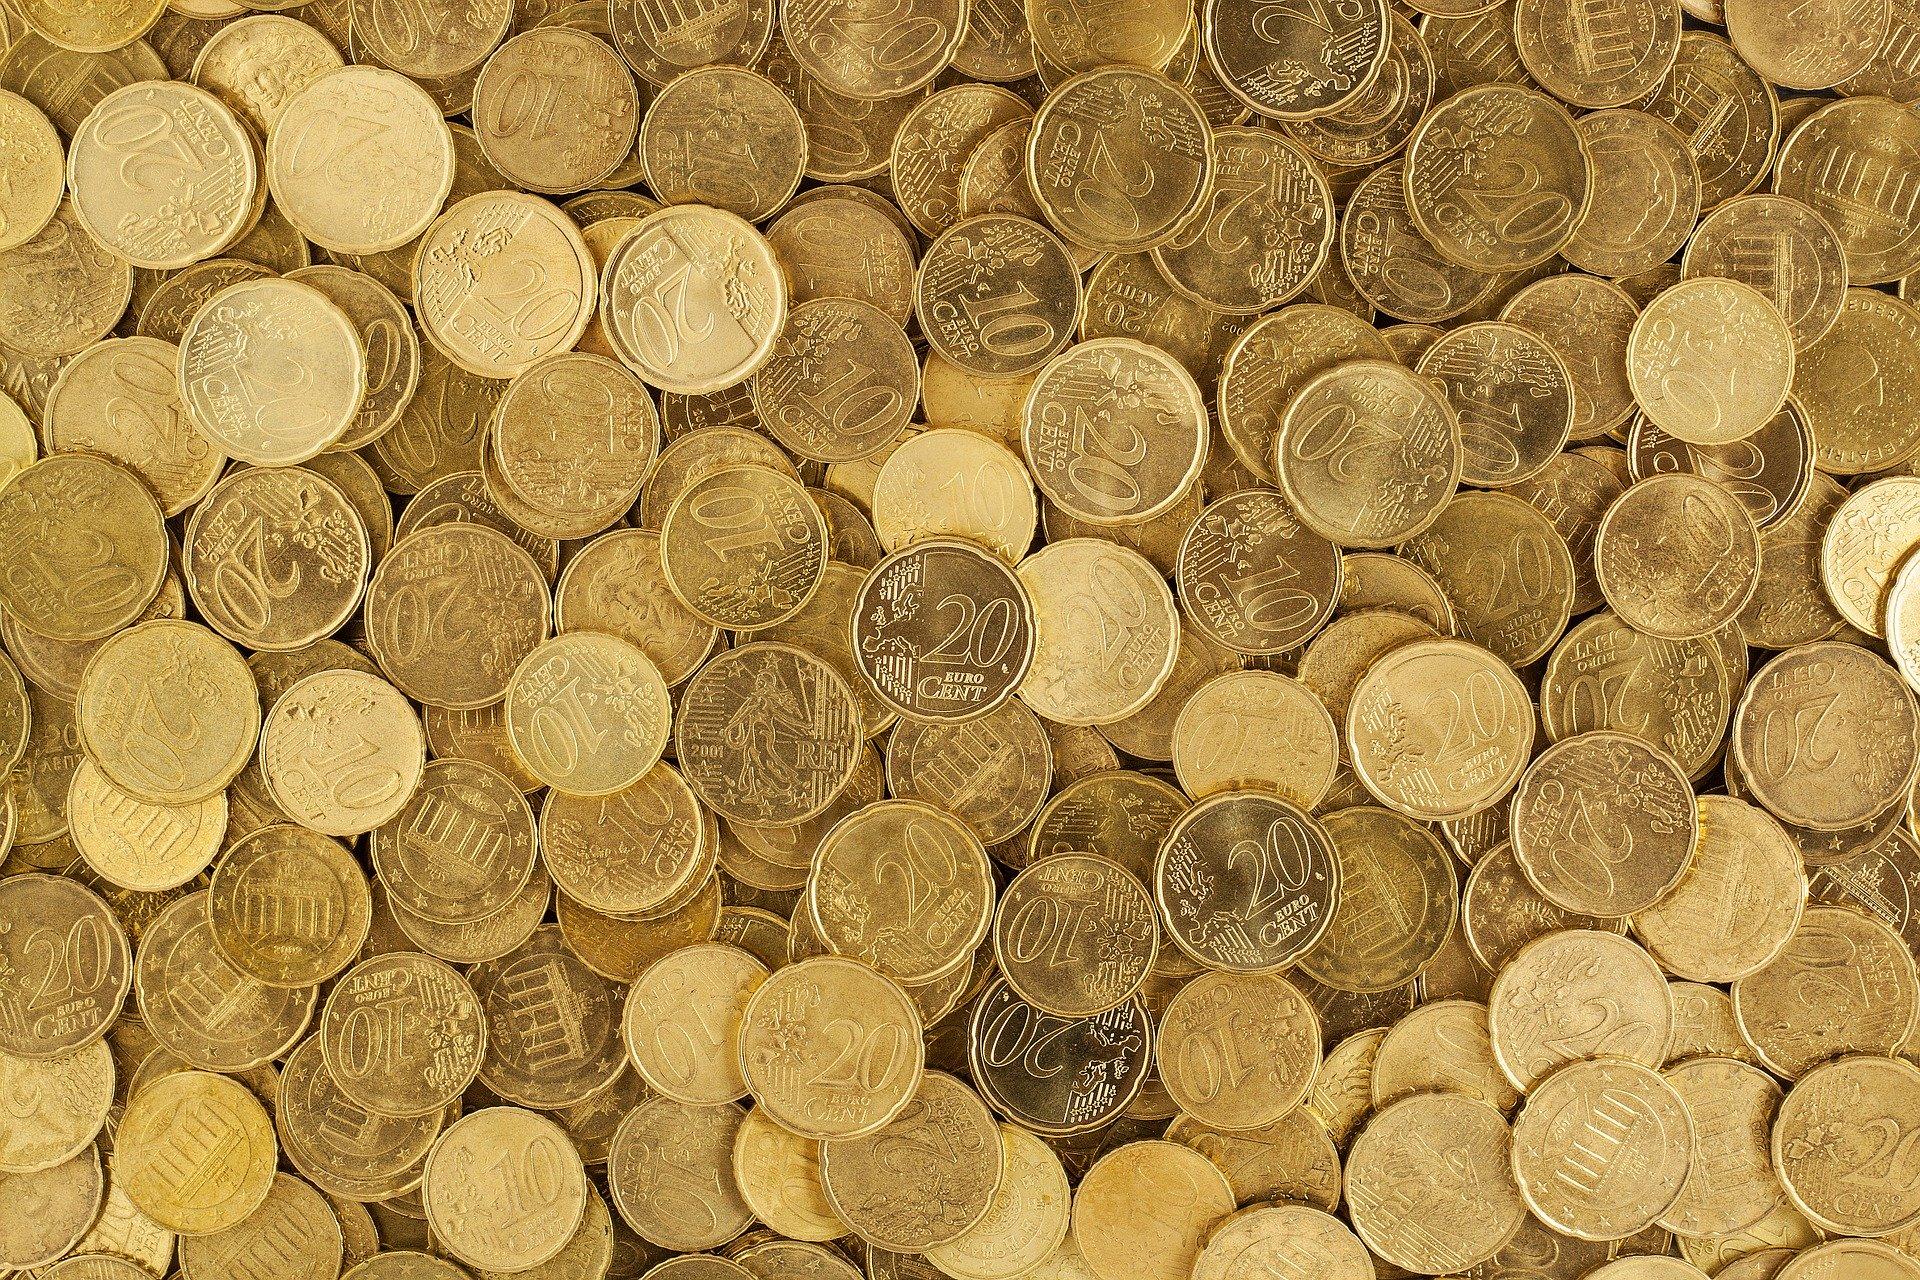 ユーロ硬貨